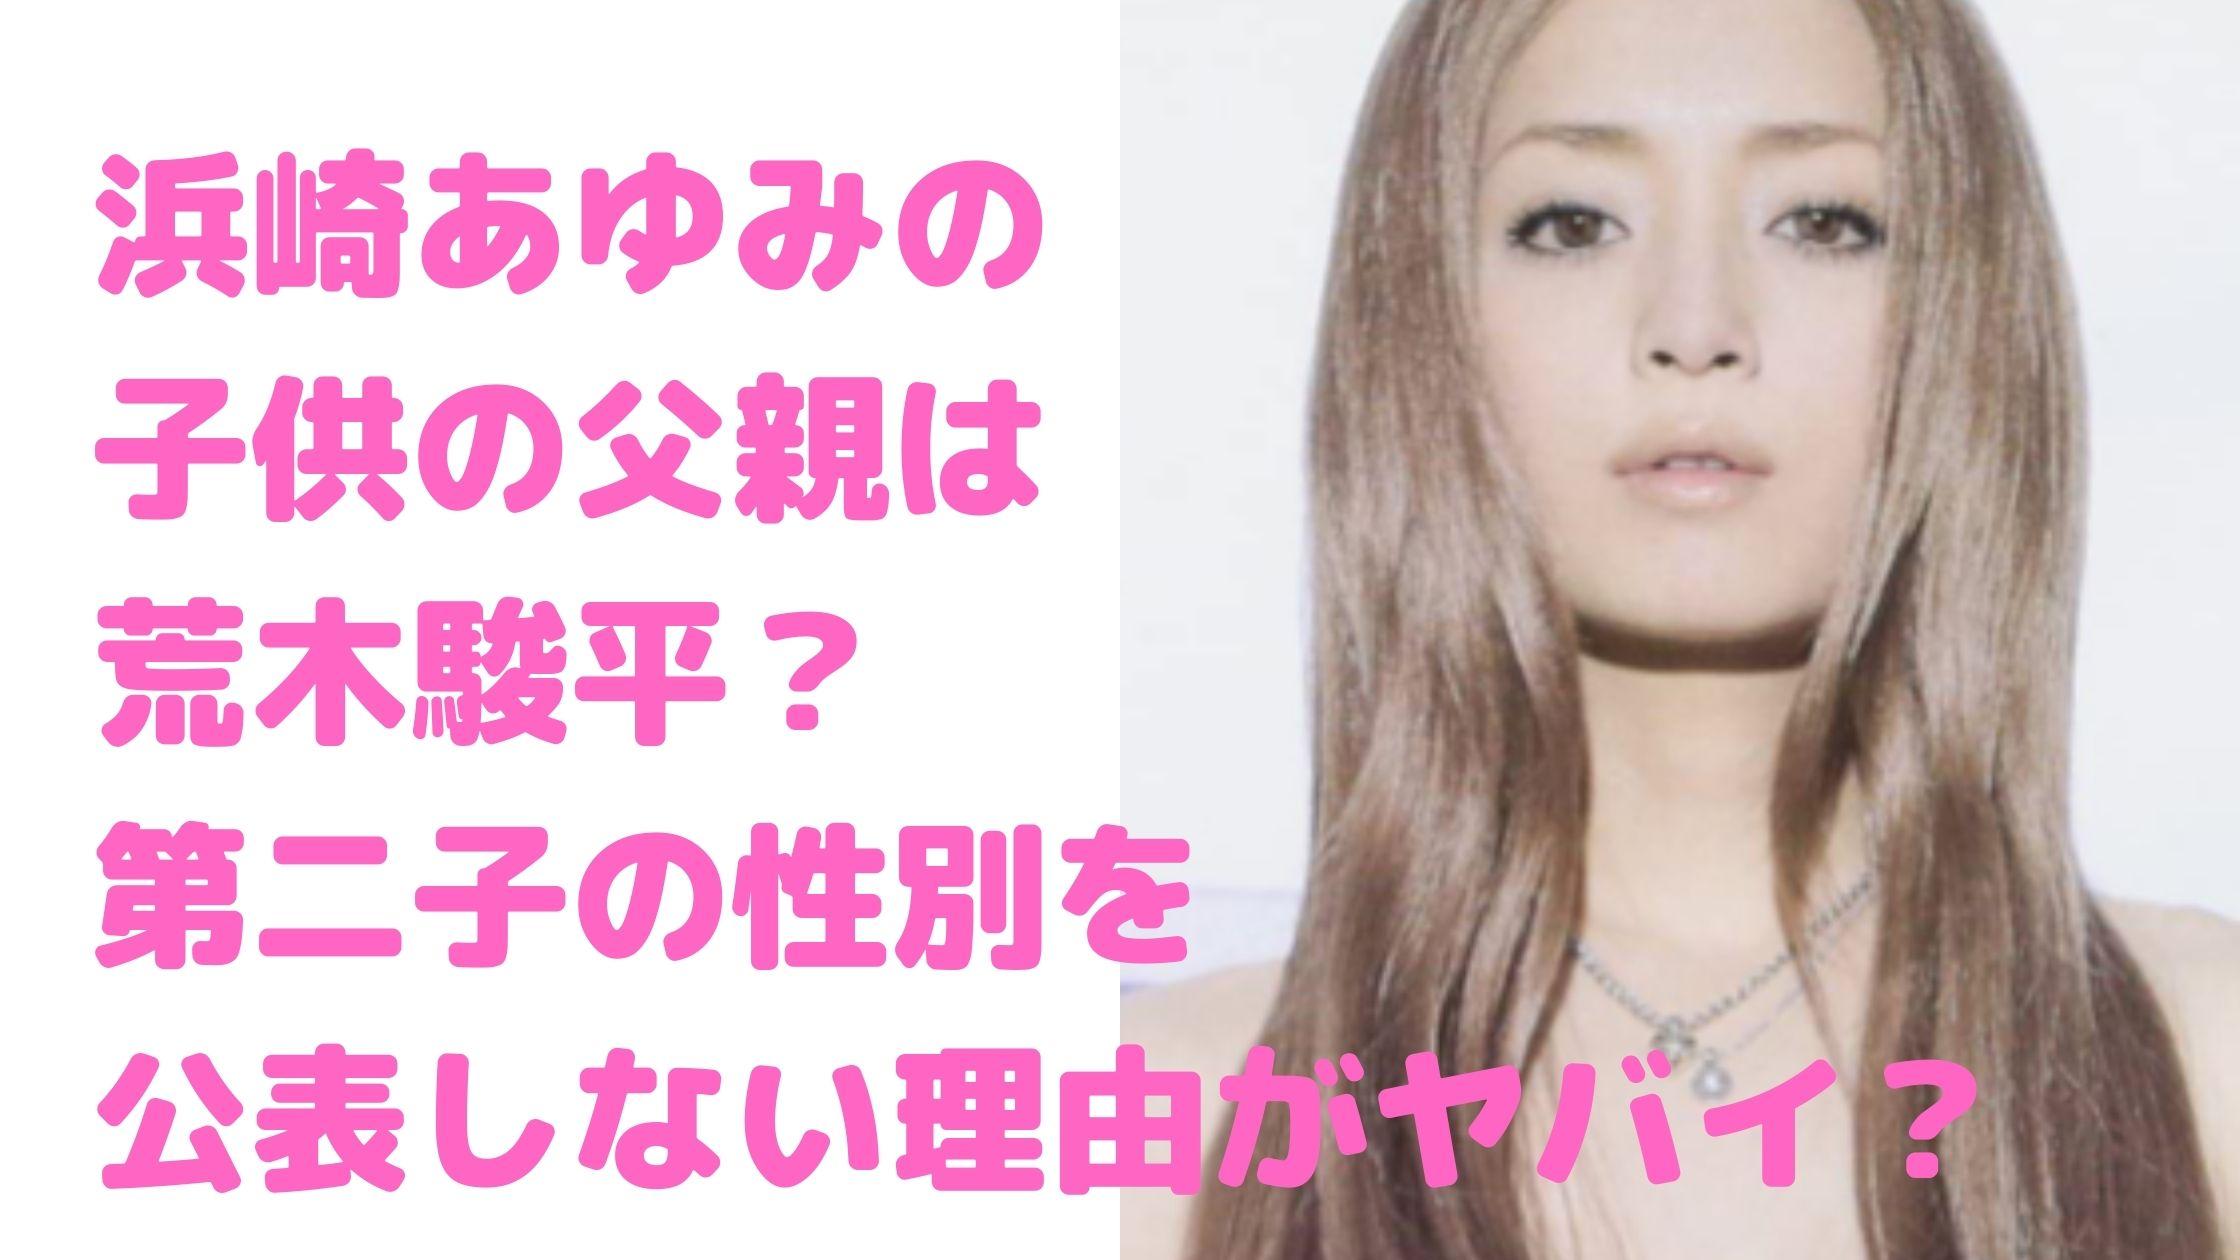 浜崎あゆみ 子供の父親 荒木駿平 ダンサー 子供の性別